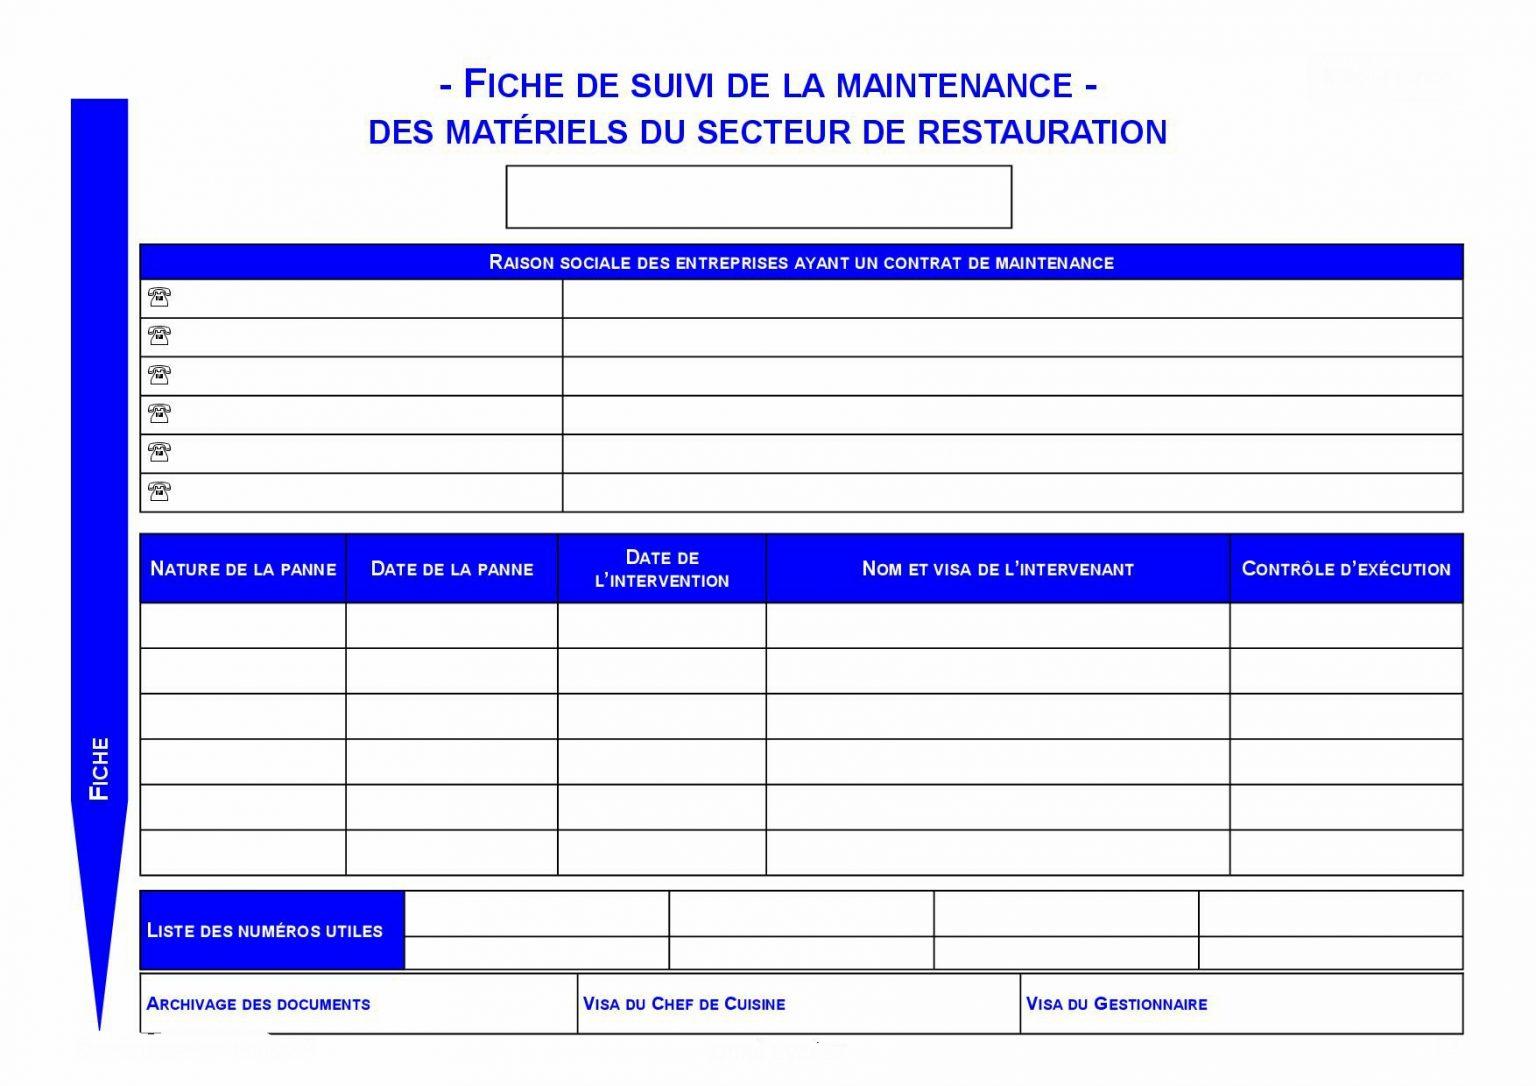 fiche-de-suivi-de-la-maitenance-materiels (1)